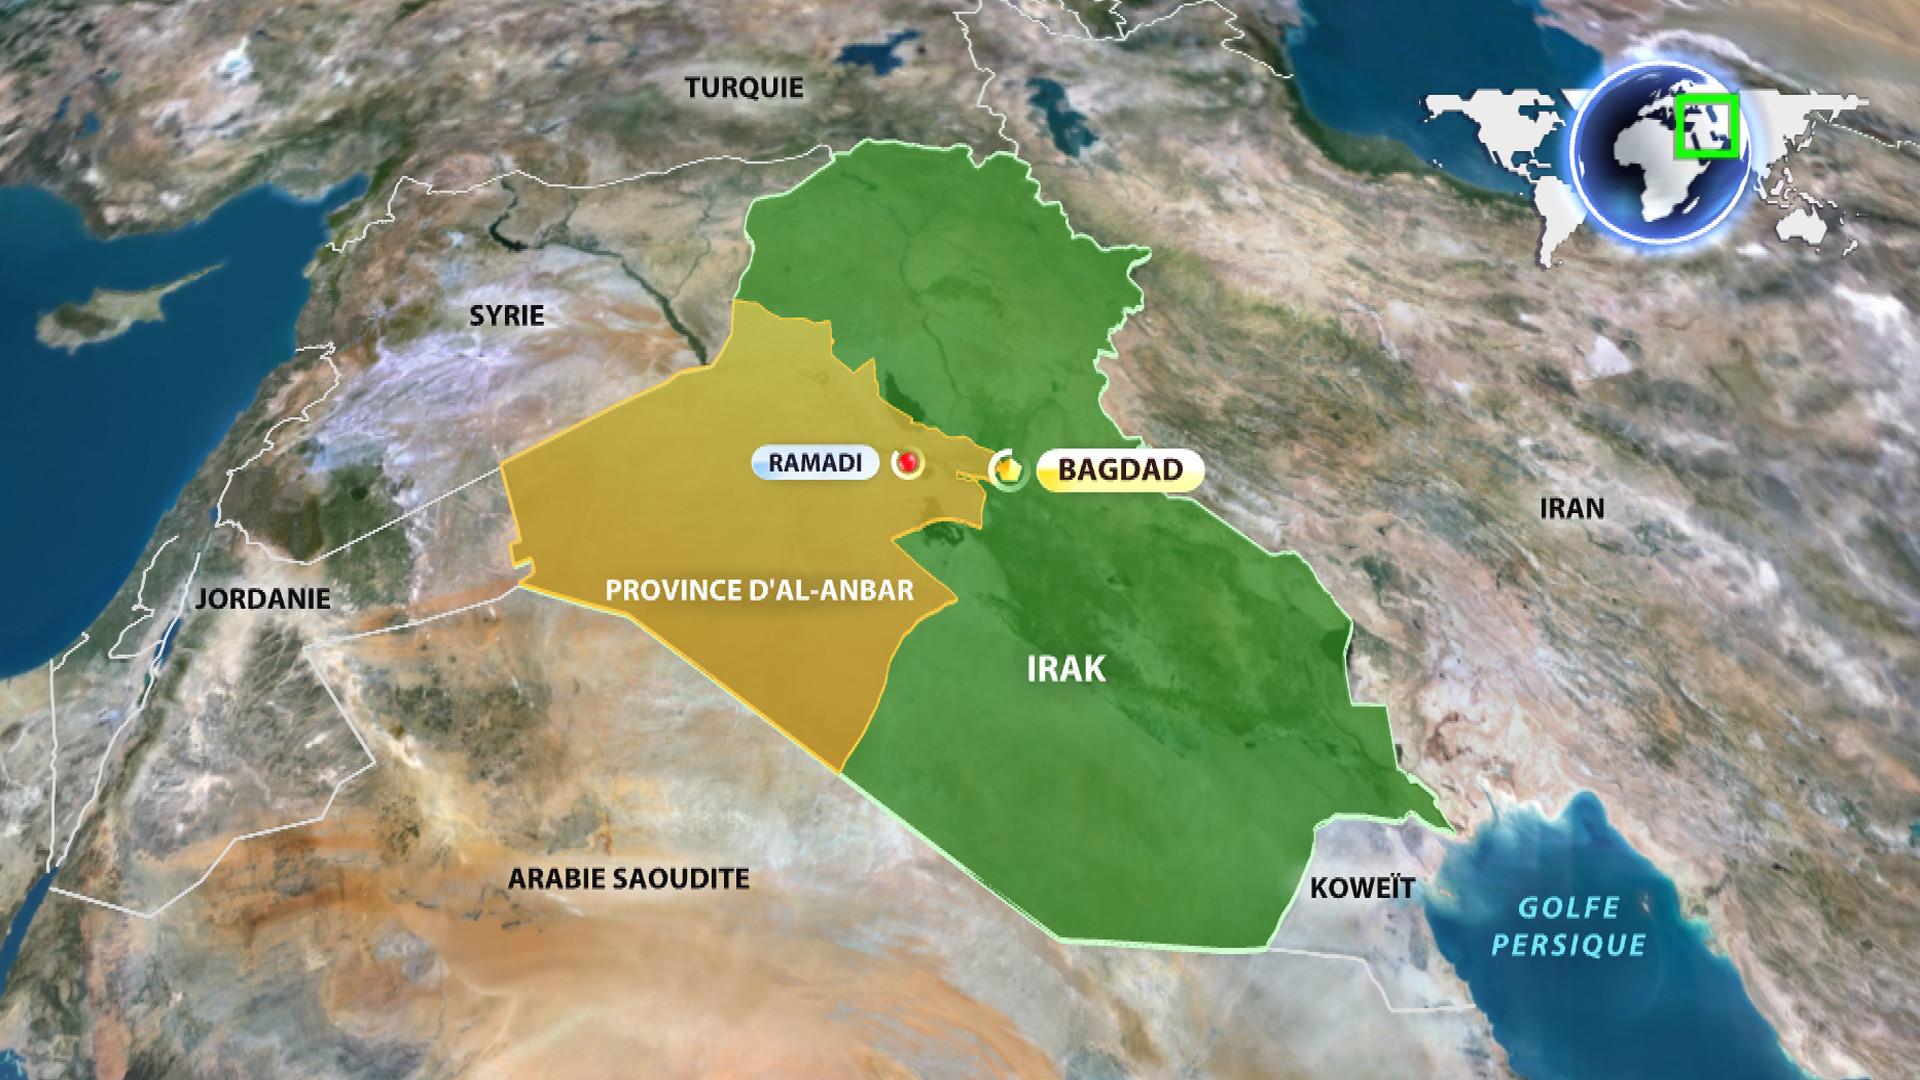 Le numéro deux de Daesh aurait été tué lors d'une frappe aérienne en Irak